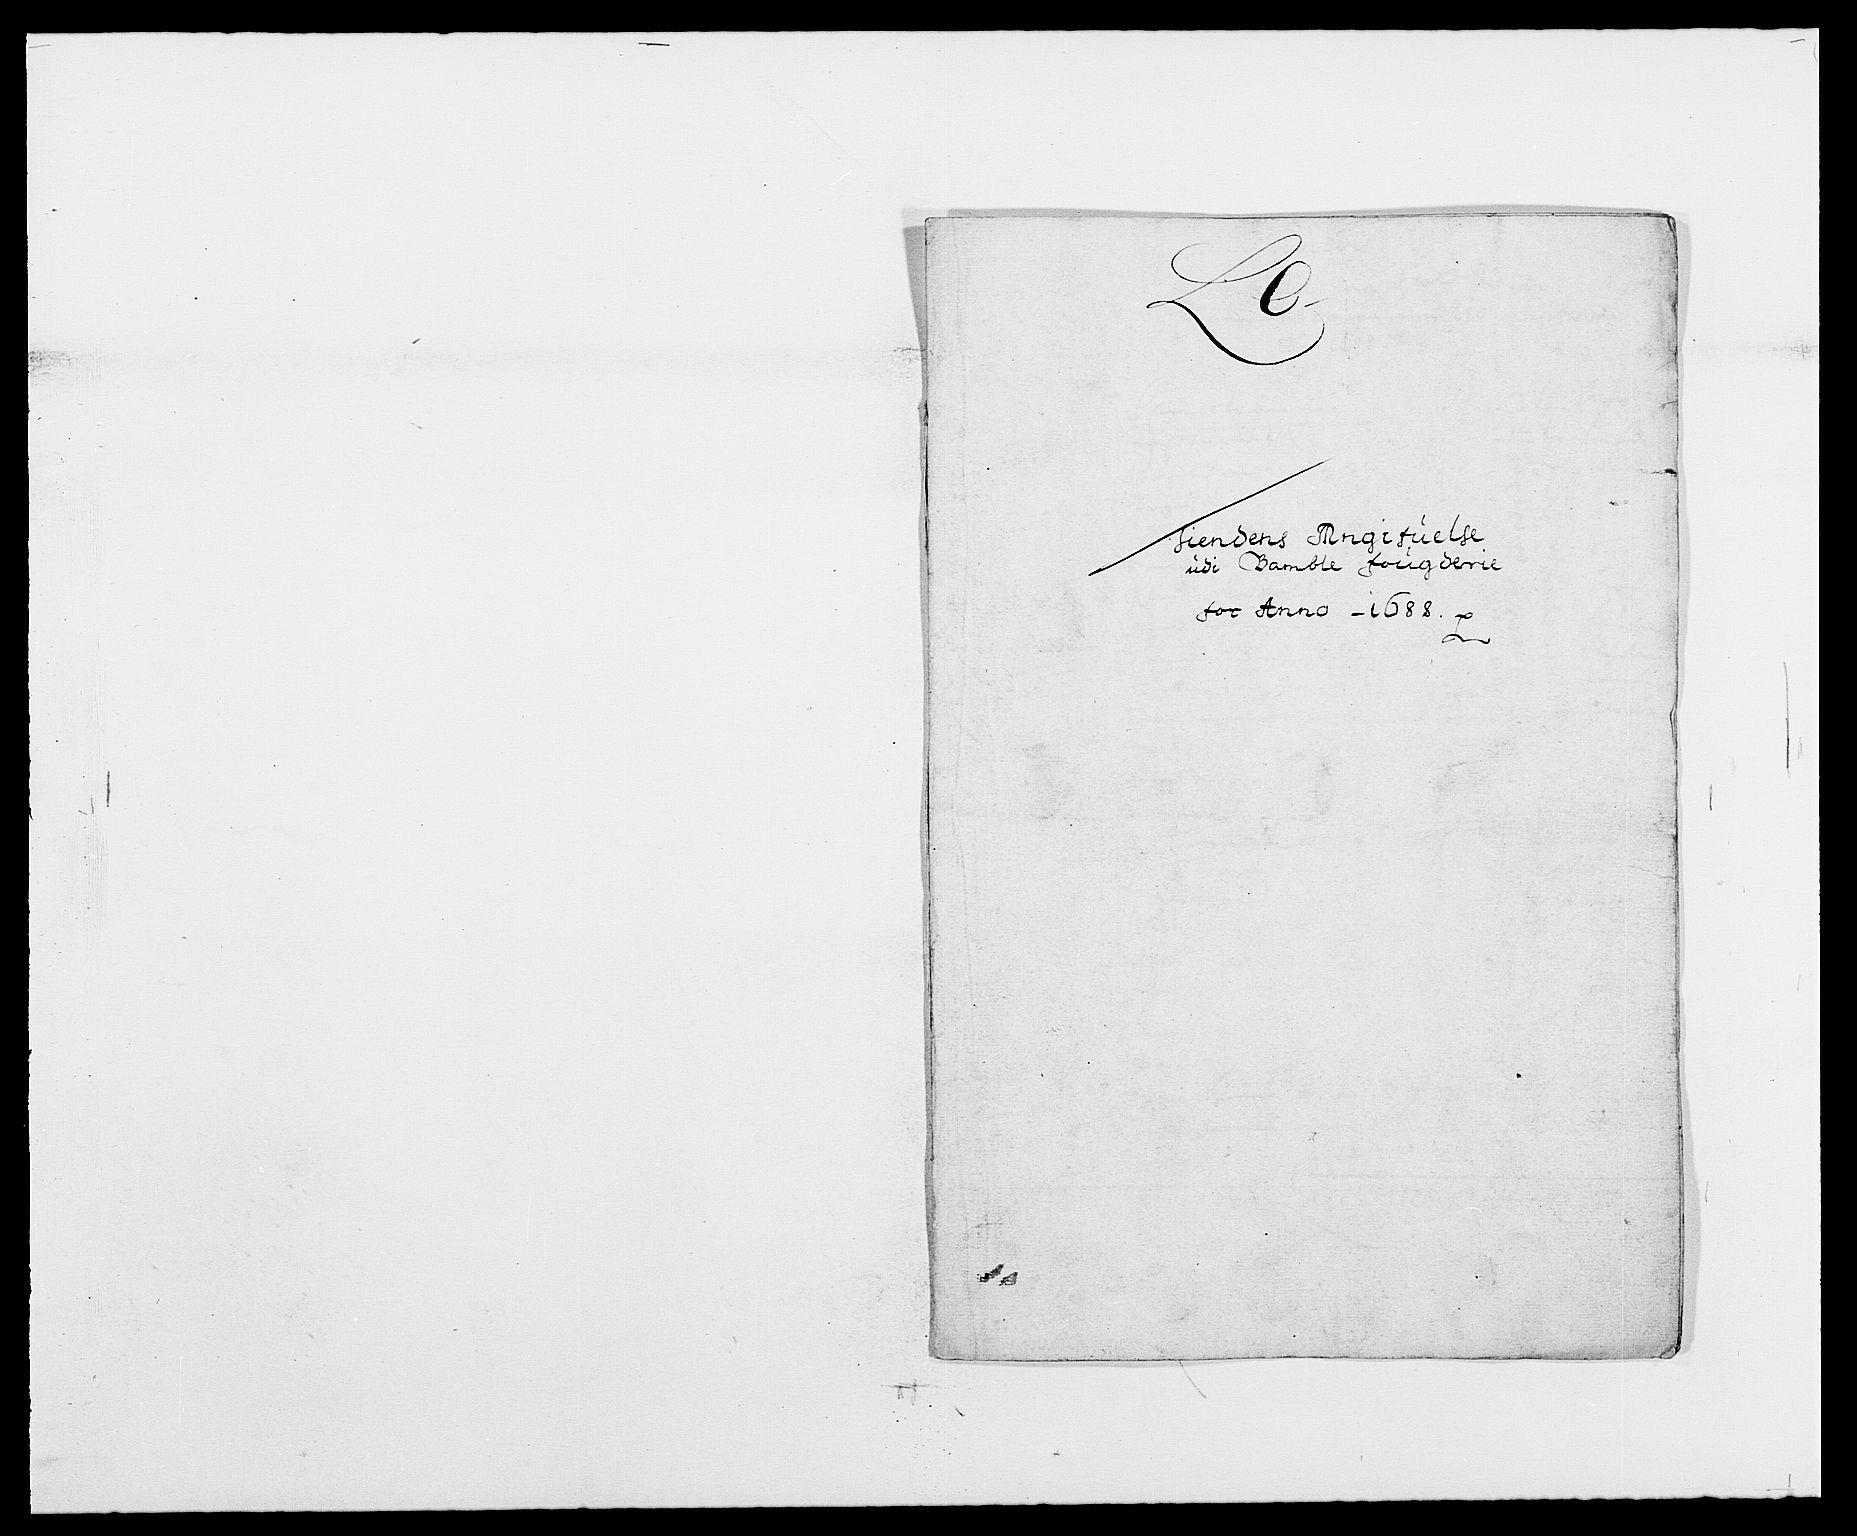 RA, Rentekammeret inntil 1814, Reviderte regnskaper, Fogderegnskap, R34/L2050: Fogderegnskap Bamble, 1688-1691, s. 71